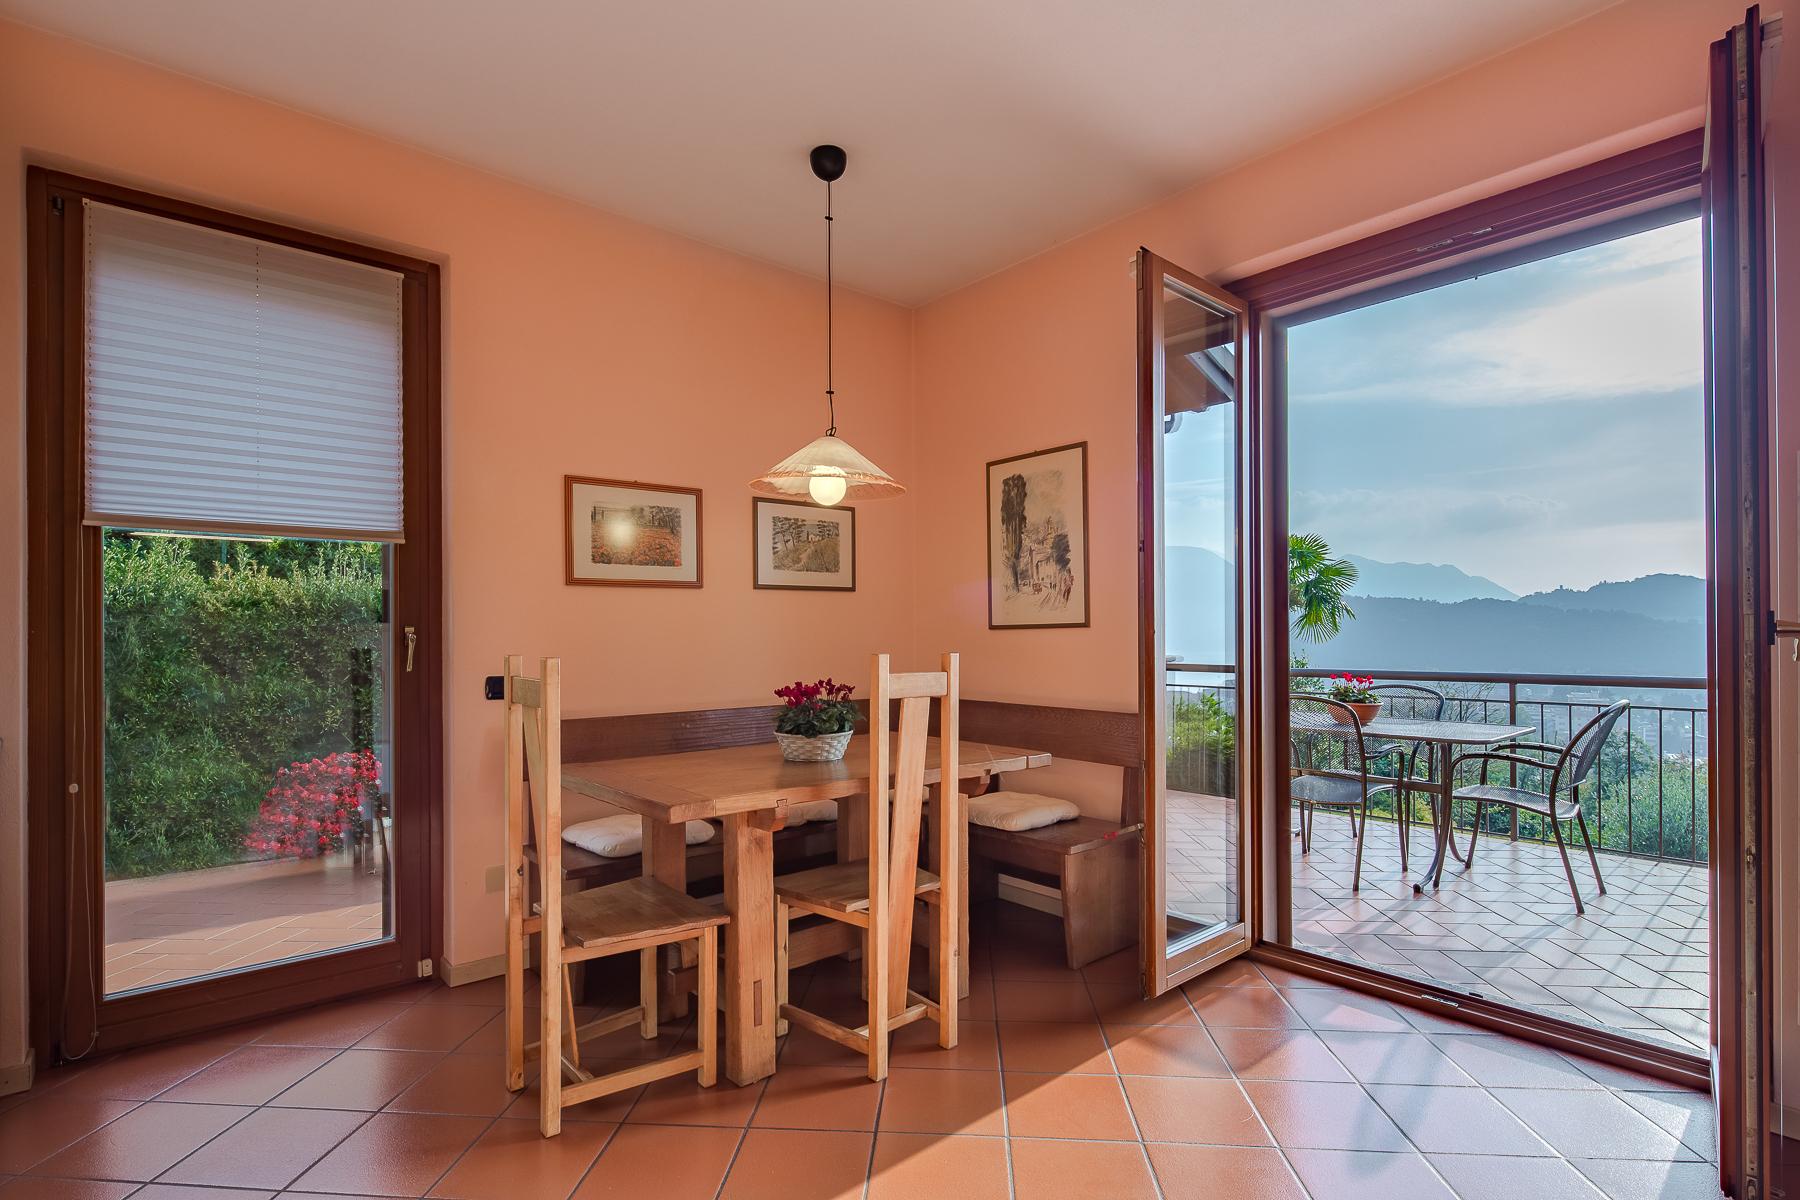 Villa in Vendita a Luino: 5 locali, 324 mq - Foto 18